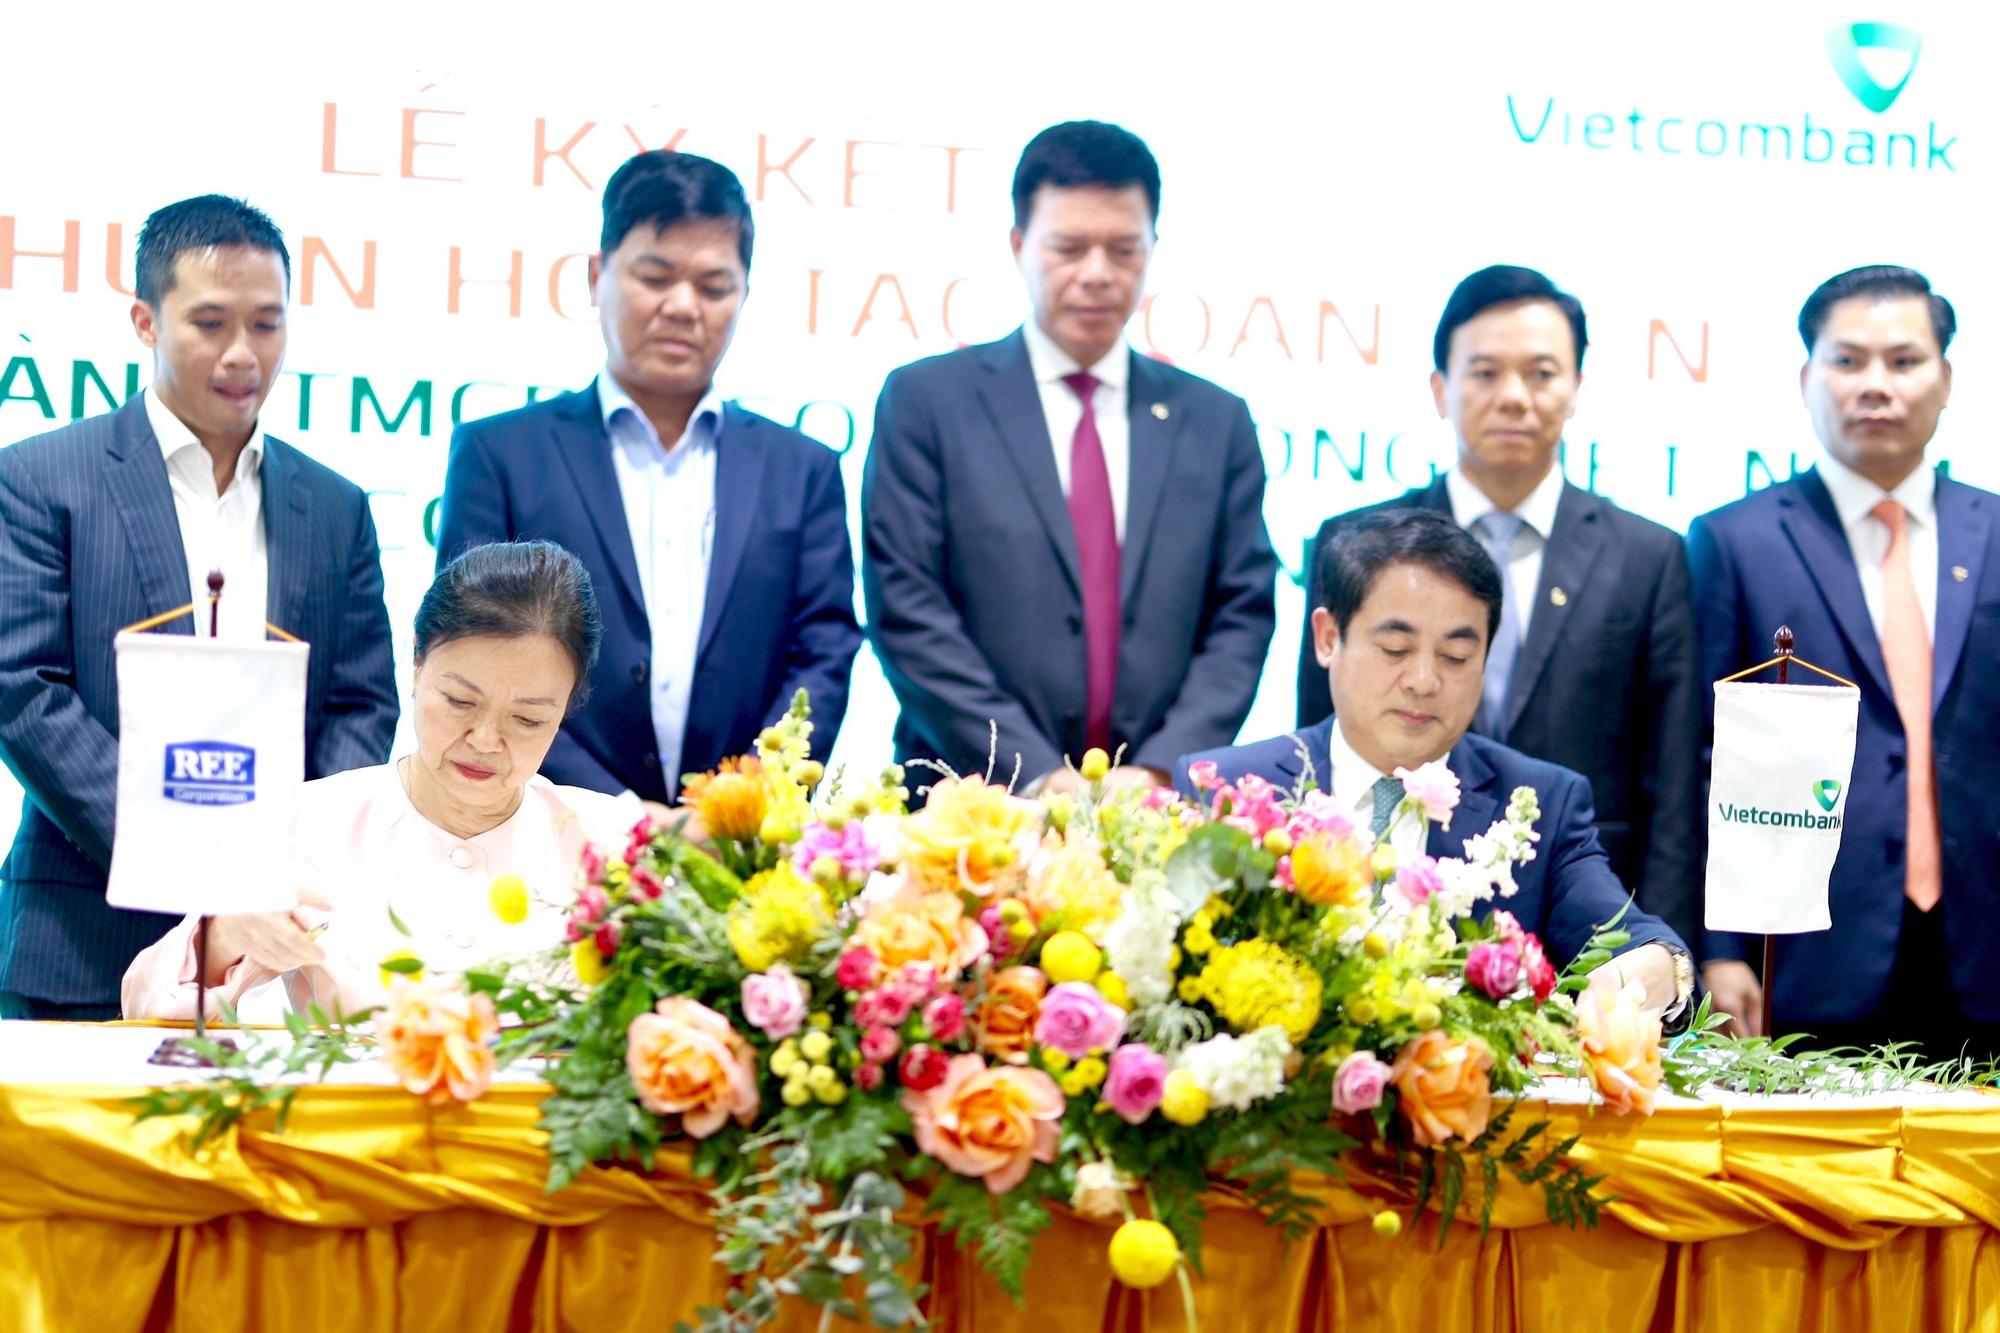 Vietcombank và REE Corporation ký kết Thoả thuận Hợp tác toàn diện - Ảnh 3.